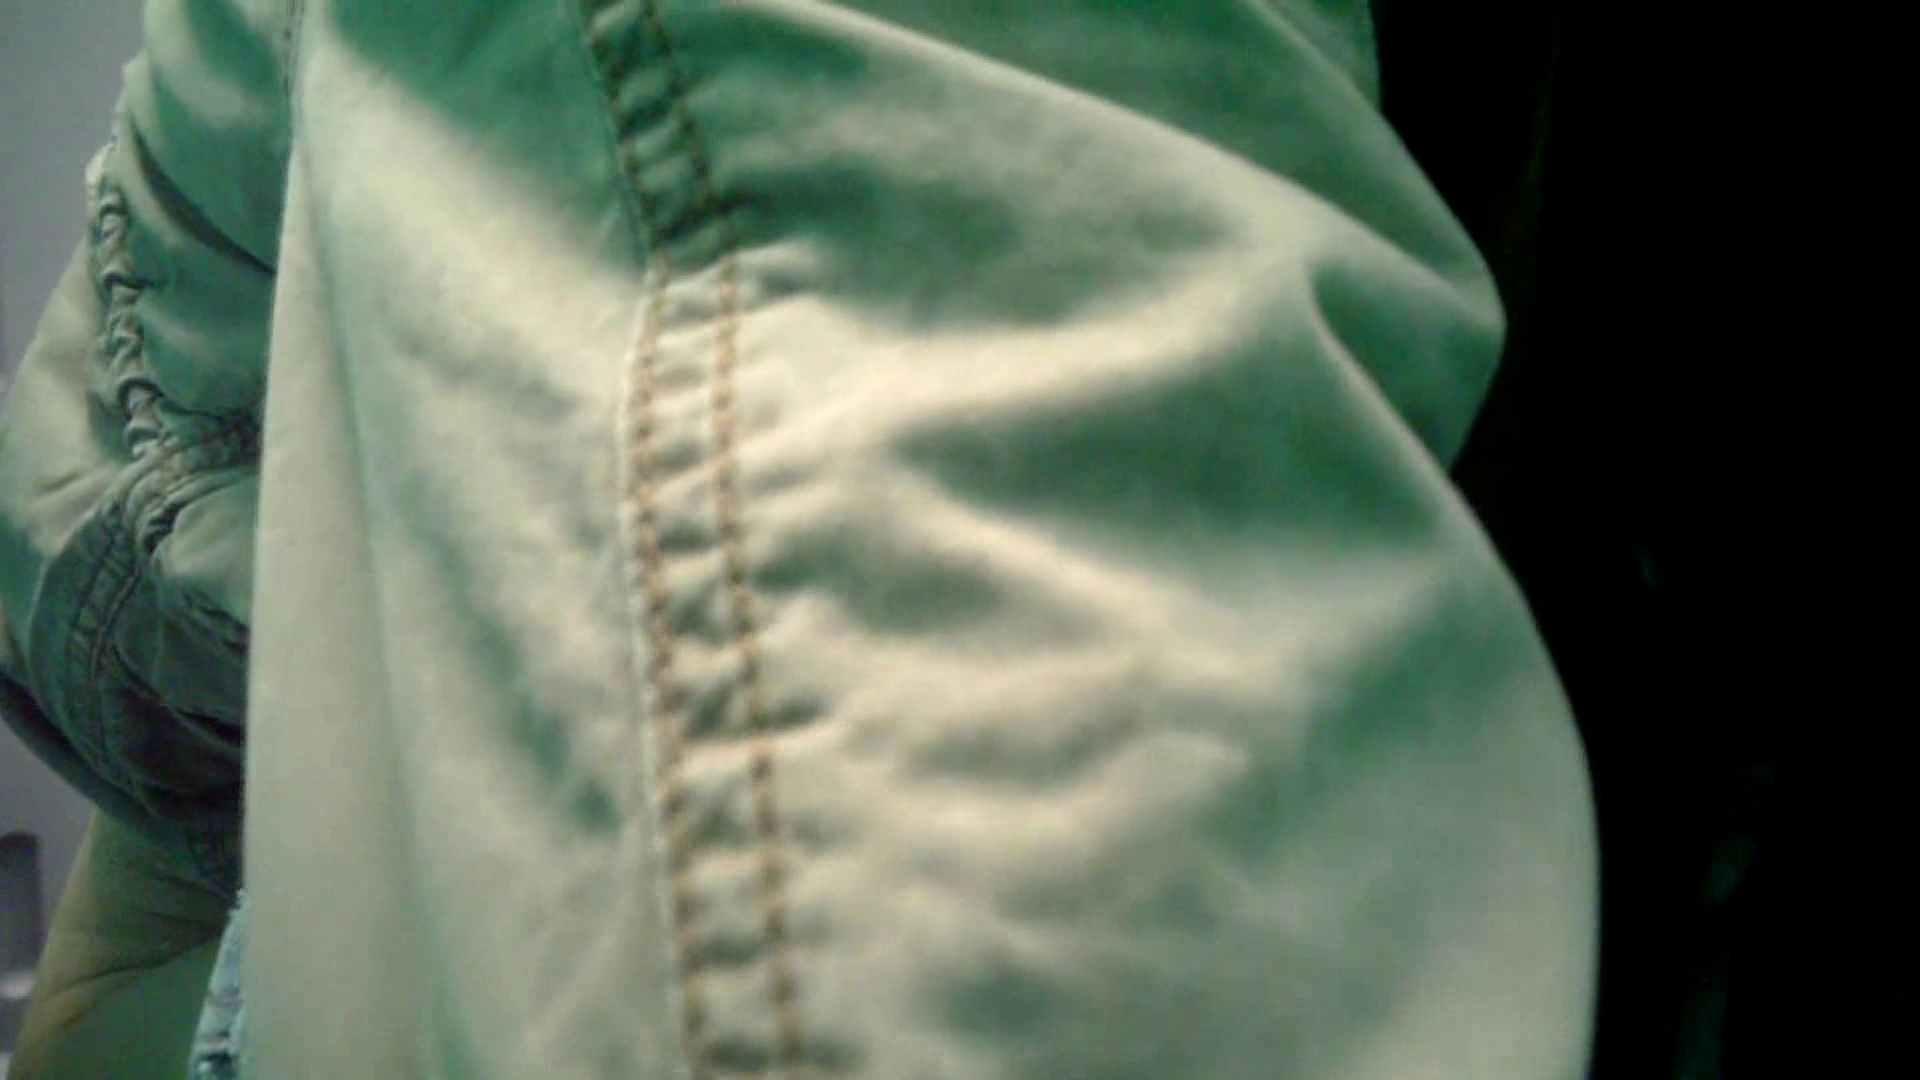 痴態洗面所 Vol.07 んーっ設置のむずかしさ、また「紙」様が・・・ 洗面所 セックス無修正動画無料 48枚